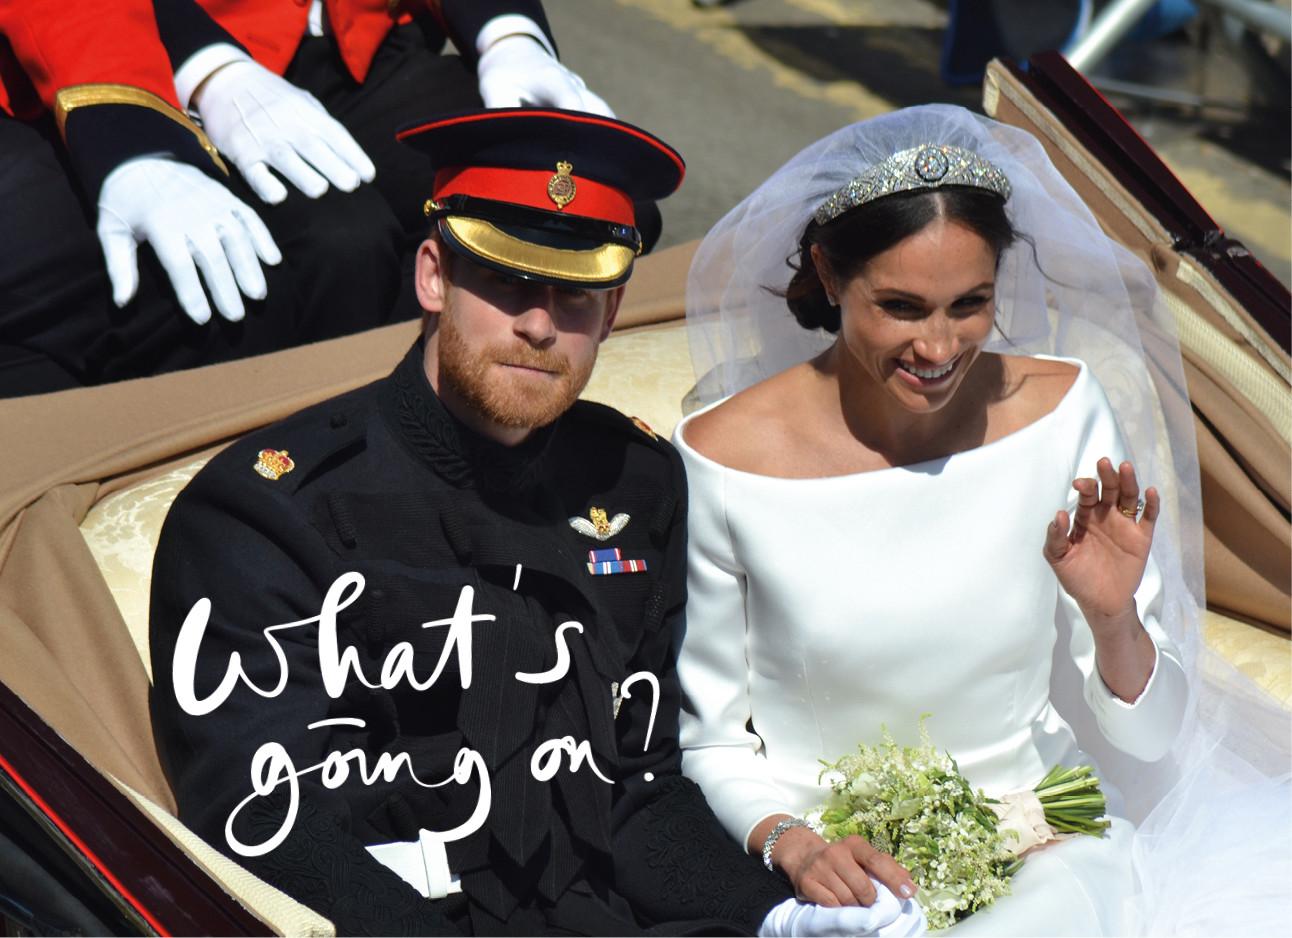 prins harry en meghan markle tijdens hun huwelijk in een koets witte bruidsjurk